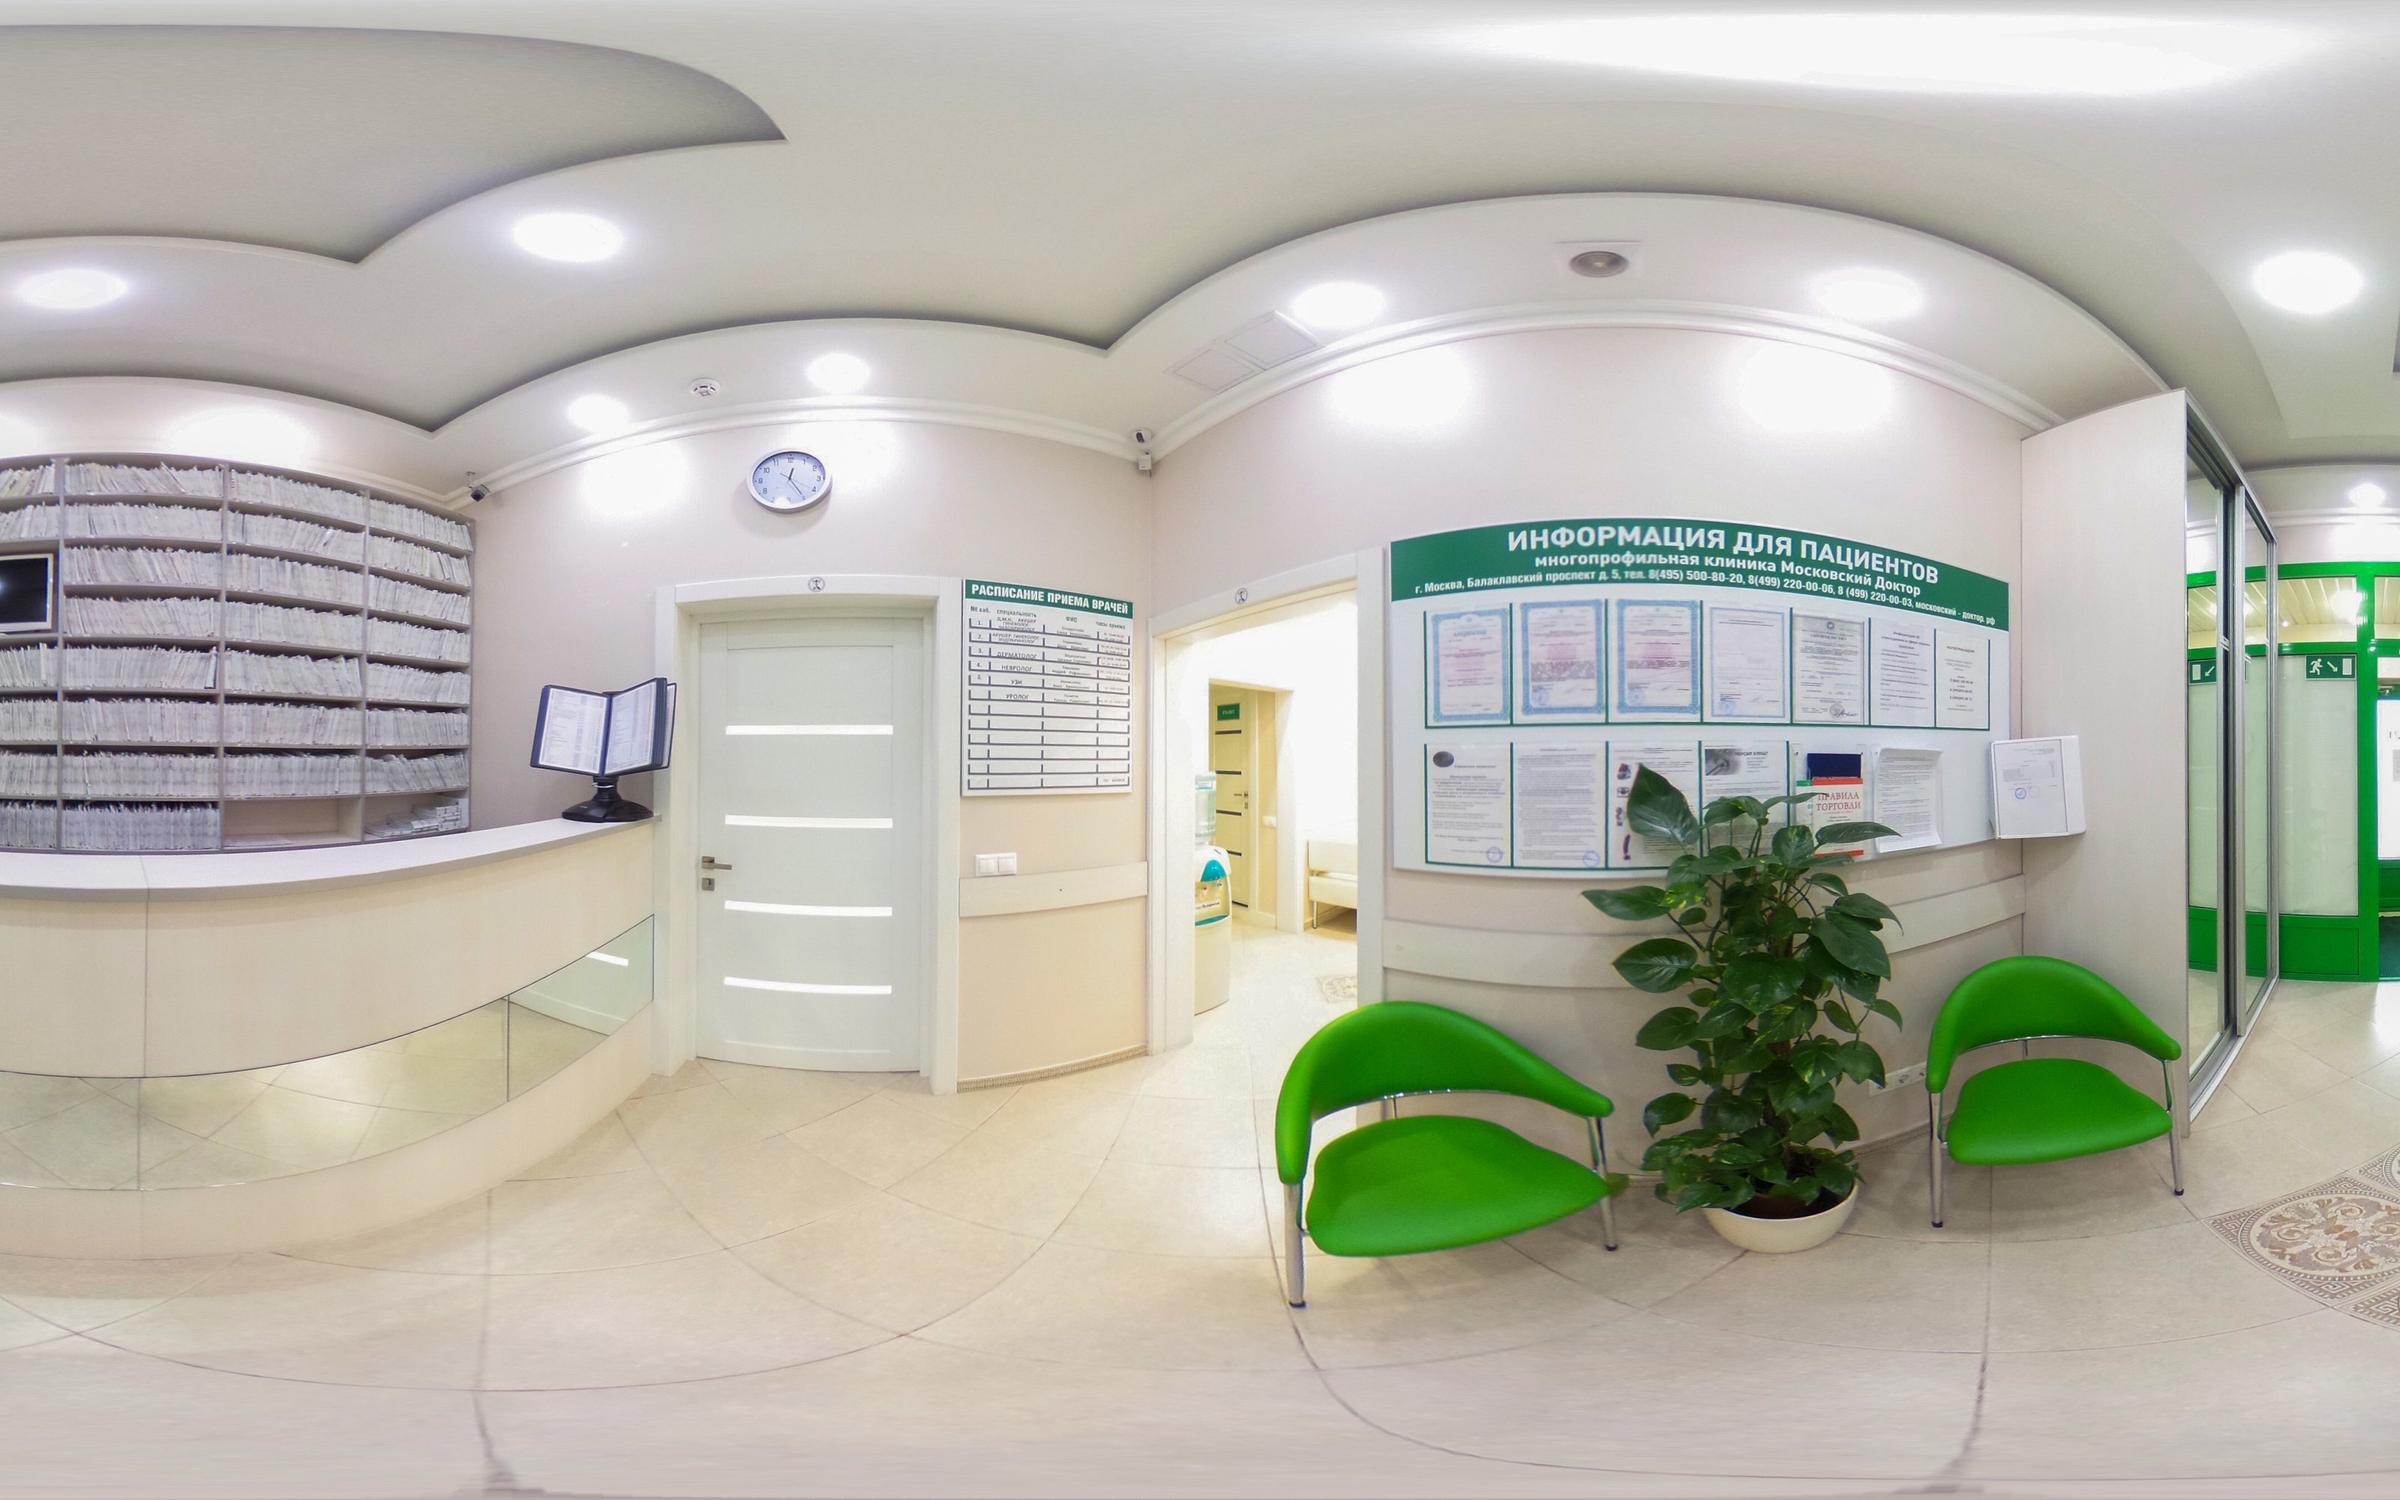 фотография Клиники Московский доктор на Балаклавском проспекте